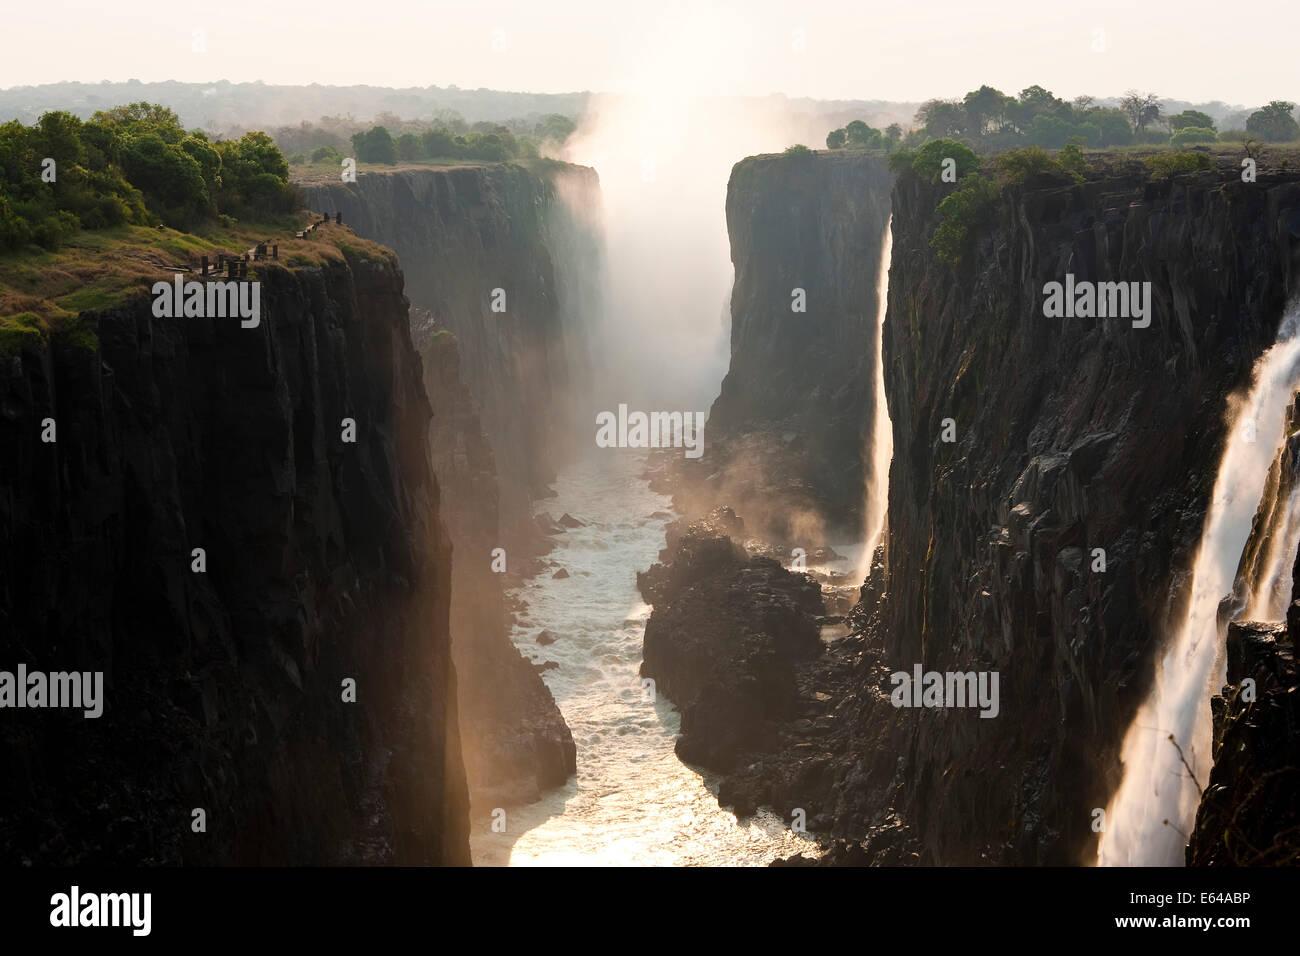 Victoria Falls, Zambia - Stock Image